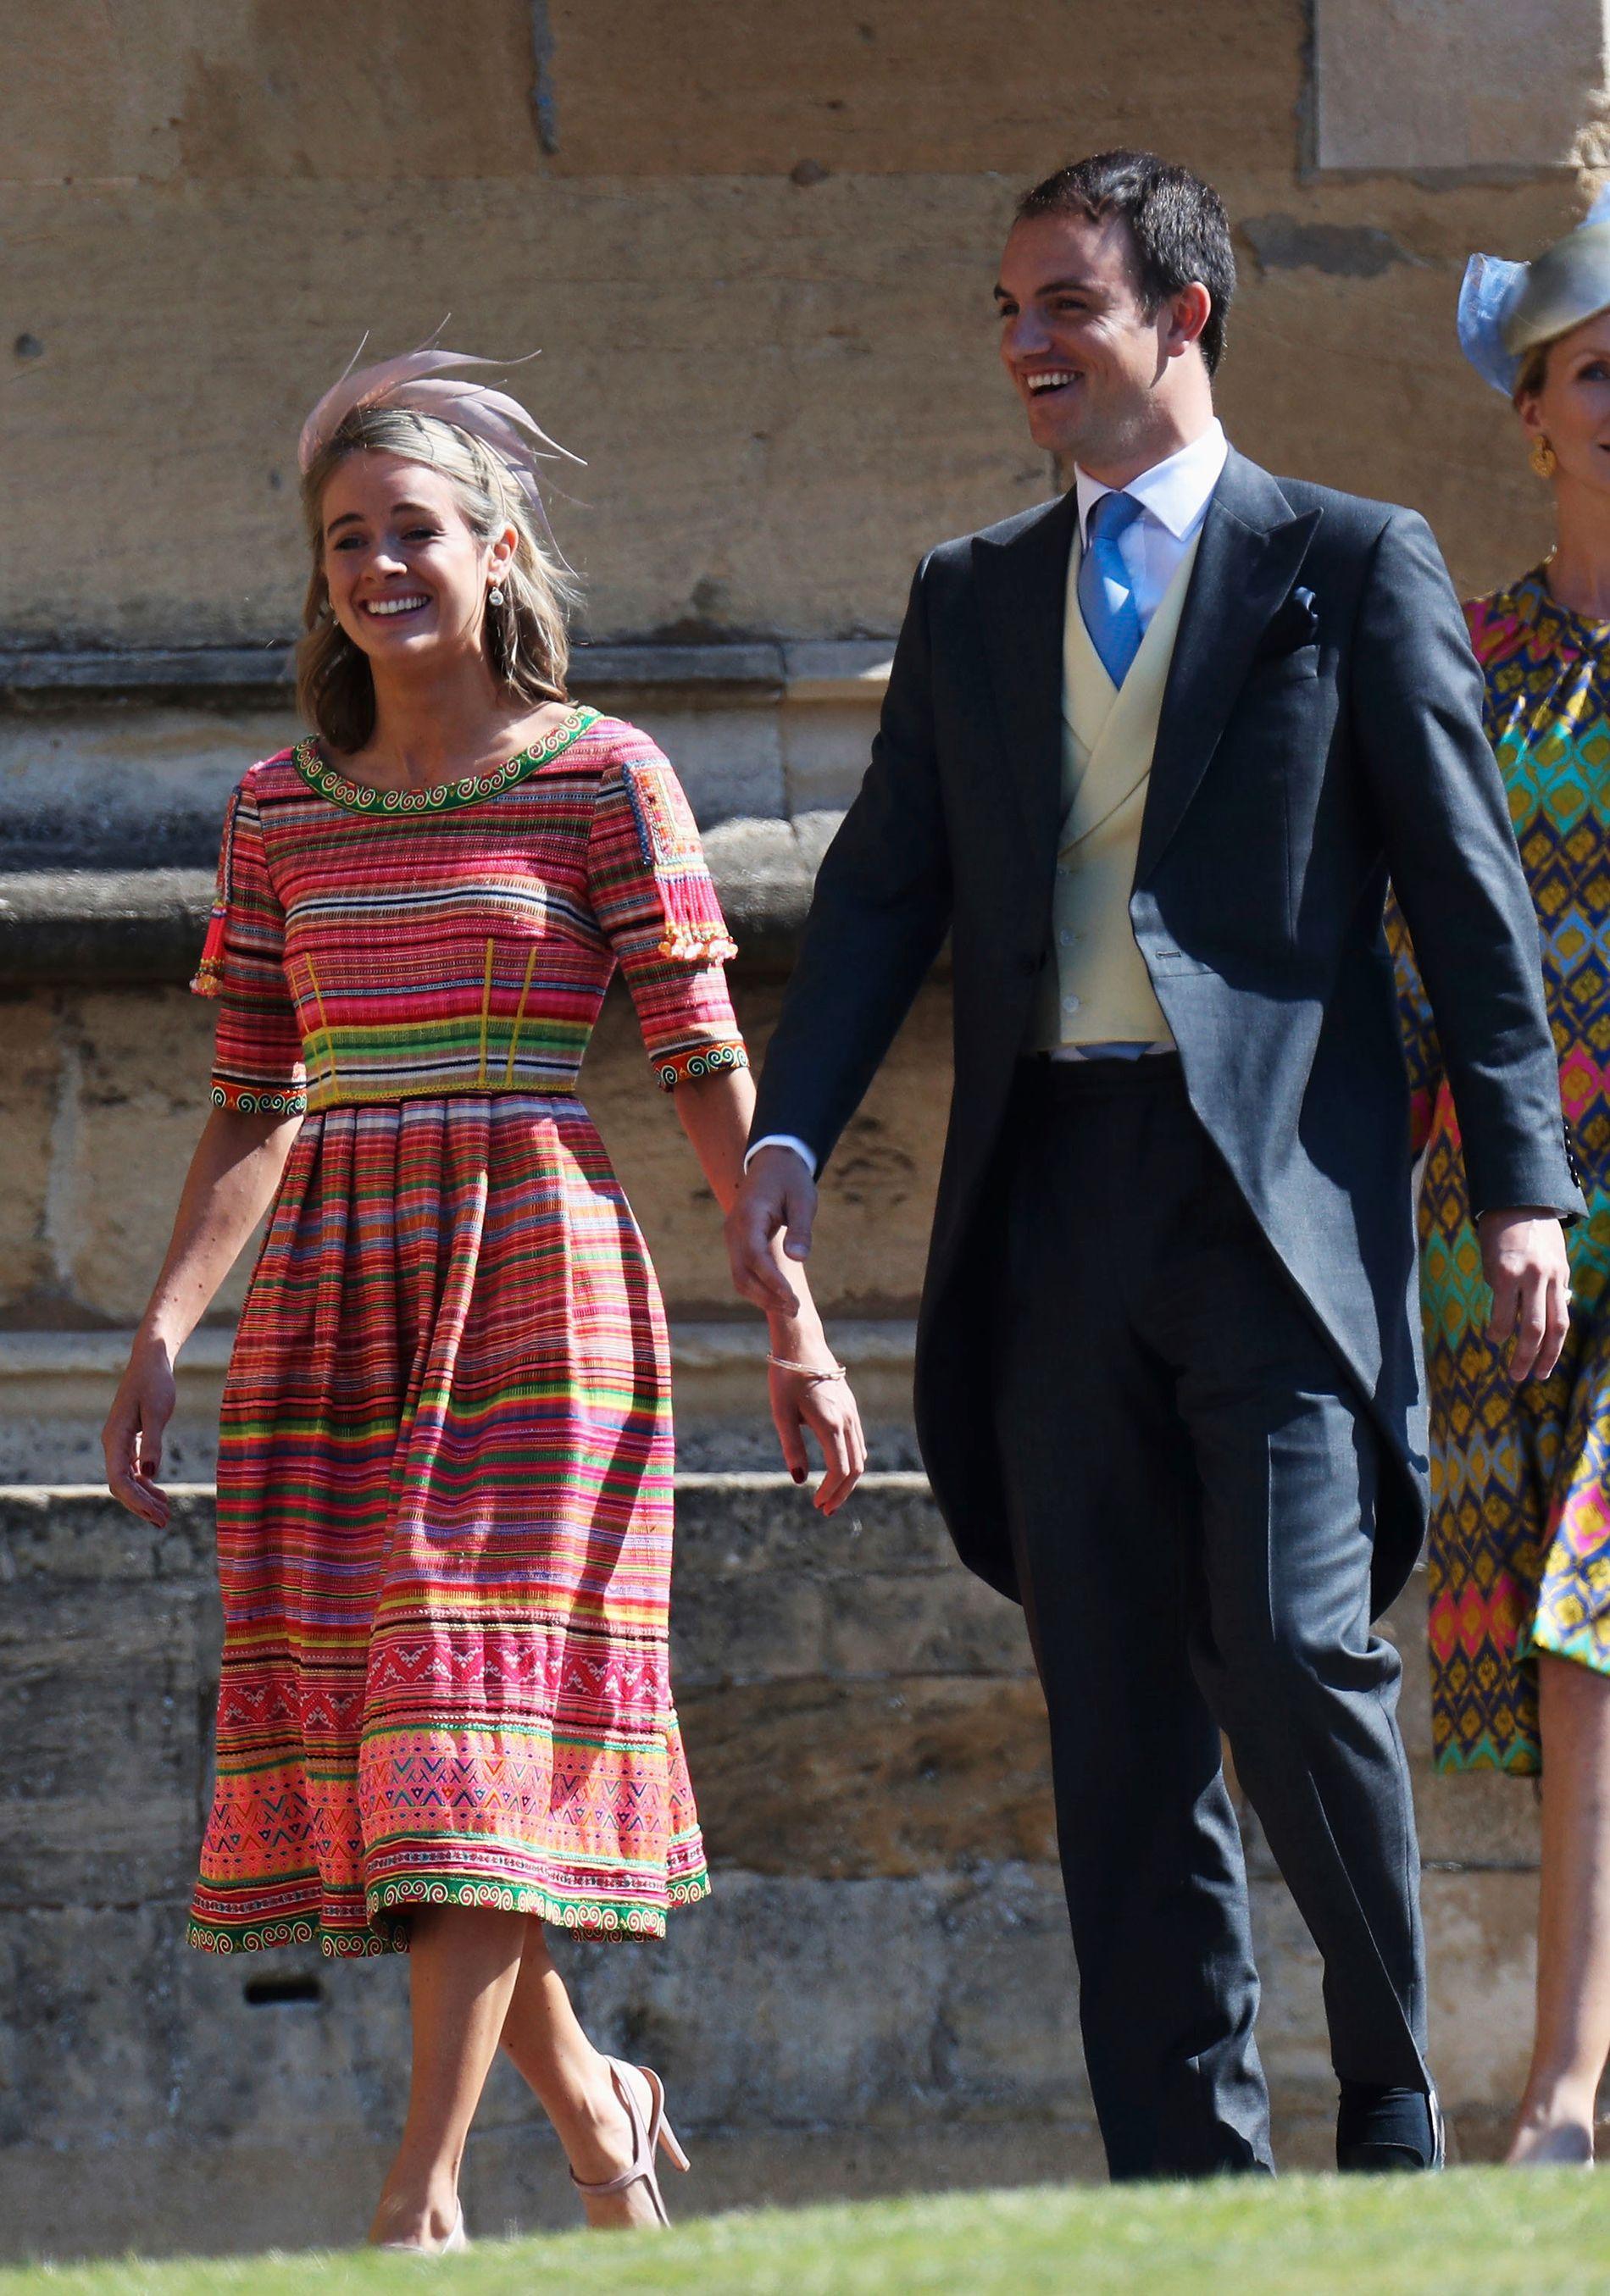 EKSKJÆRESTER: Cressida Bonas er også invitert i prins Harrys bryllup.